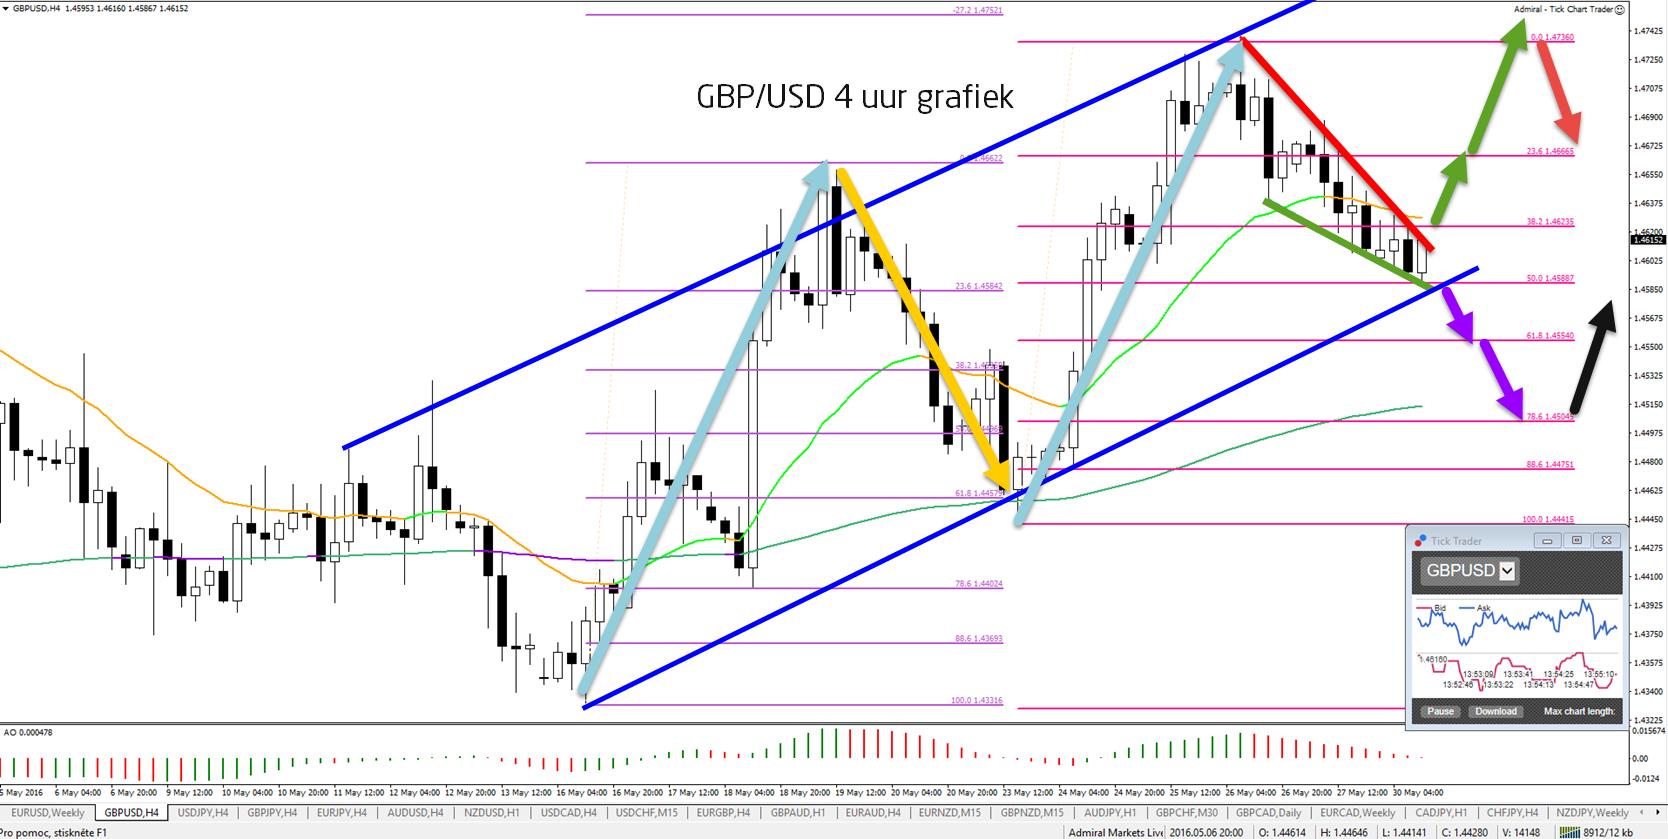 GBP/USD 4uur correctie naar 50% fibonacci